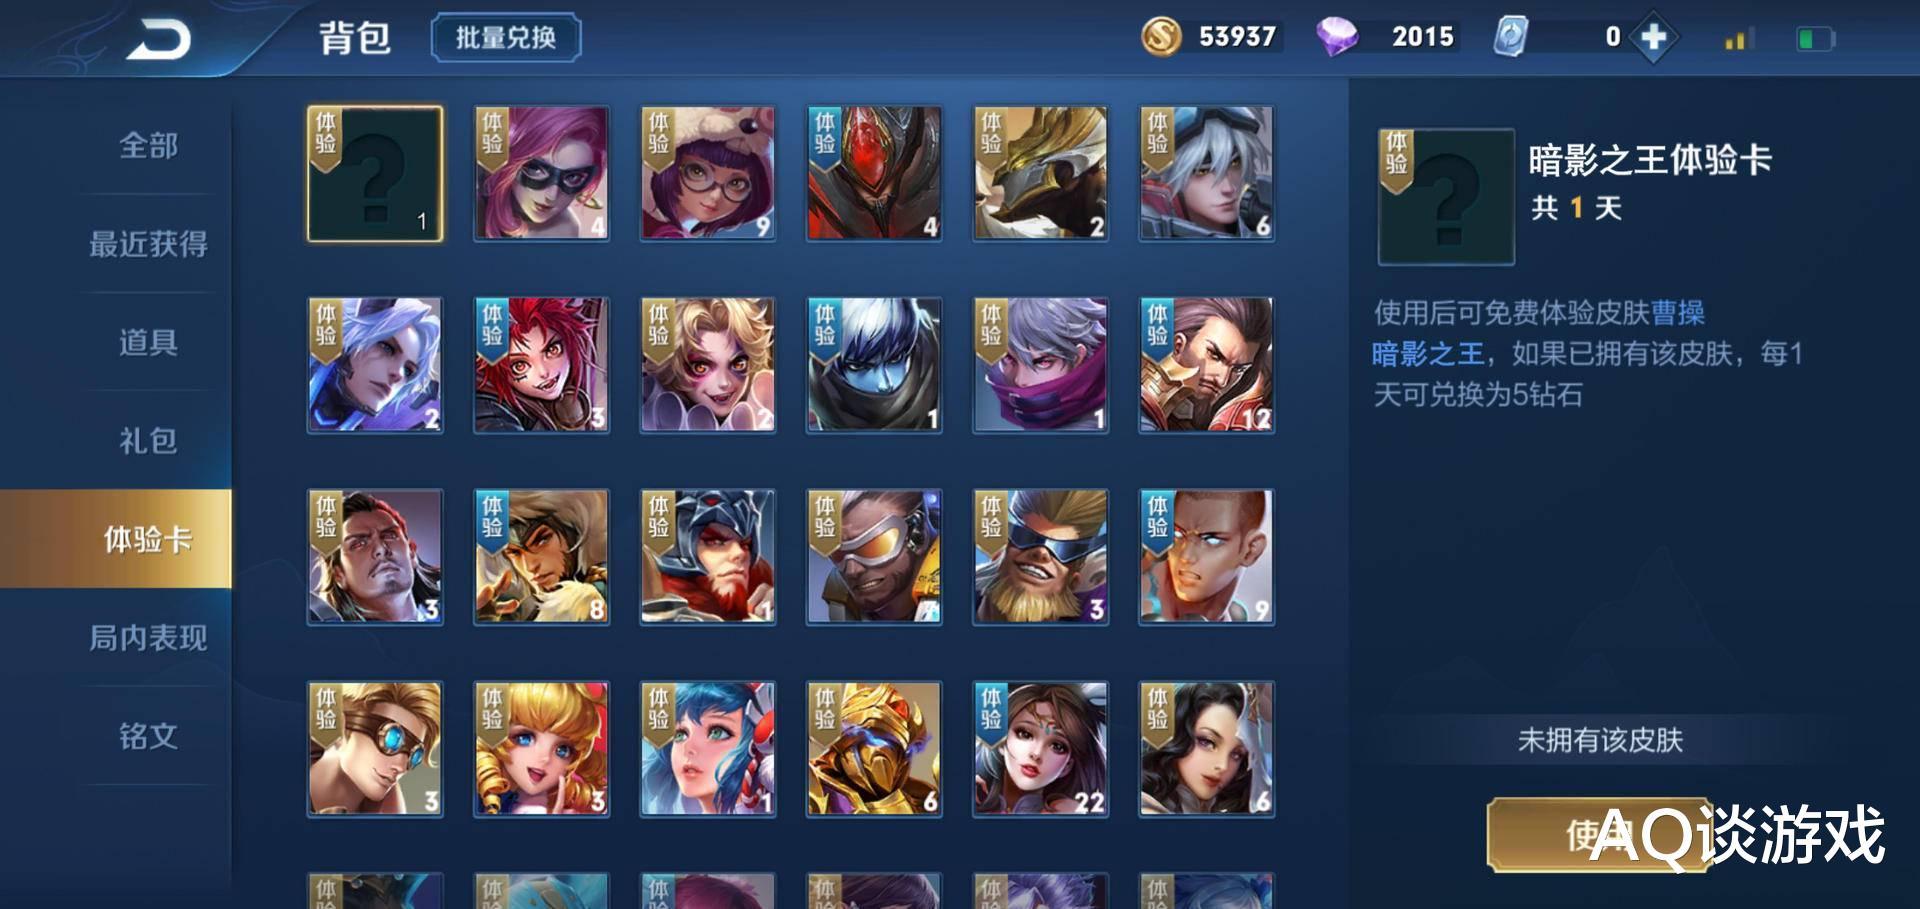 《【煜星娱乐登录平台】王者荣耀:玩家花500买绝版体验卡,使用时泪流满面》